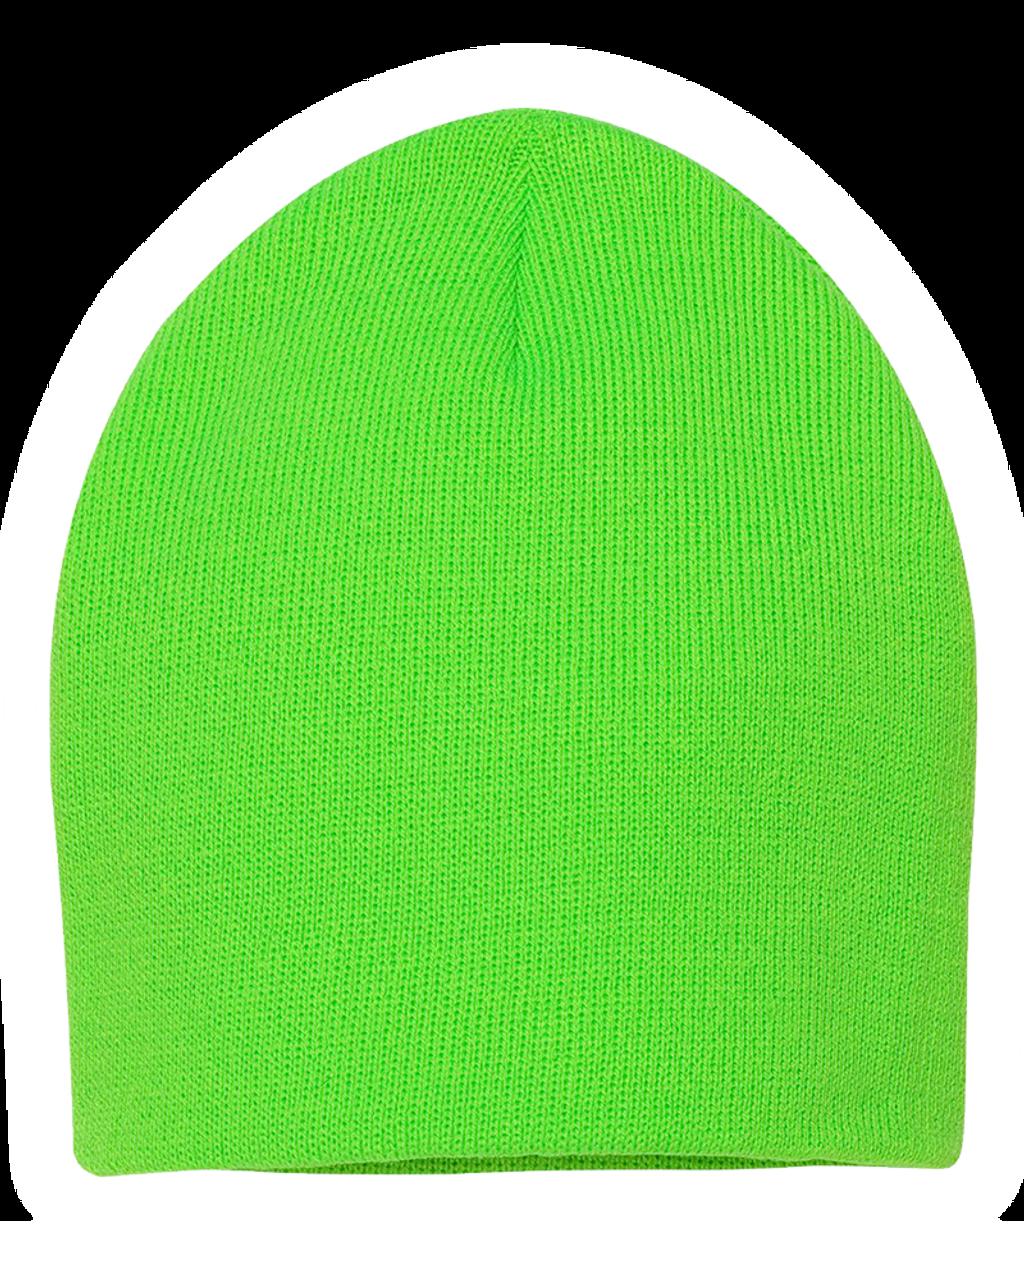 SP08 in Neon Green